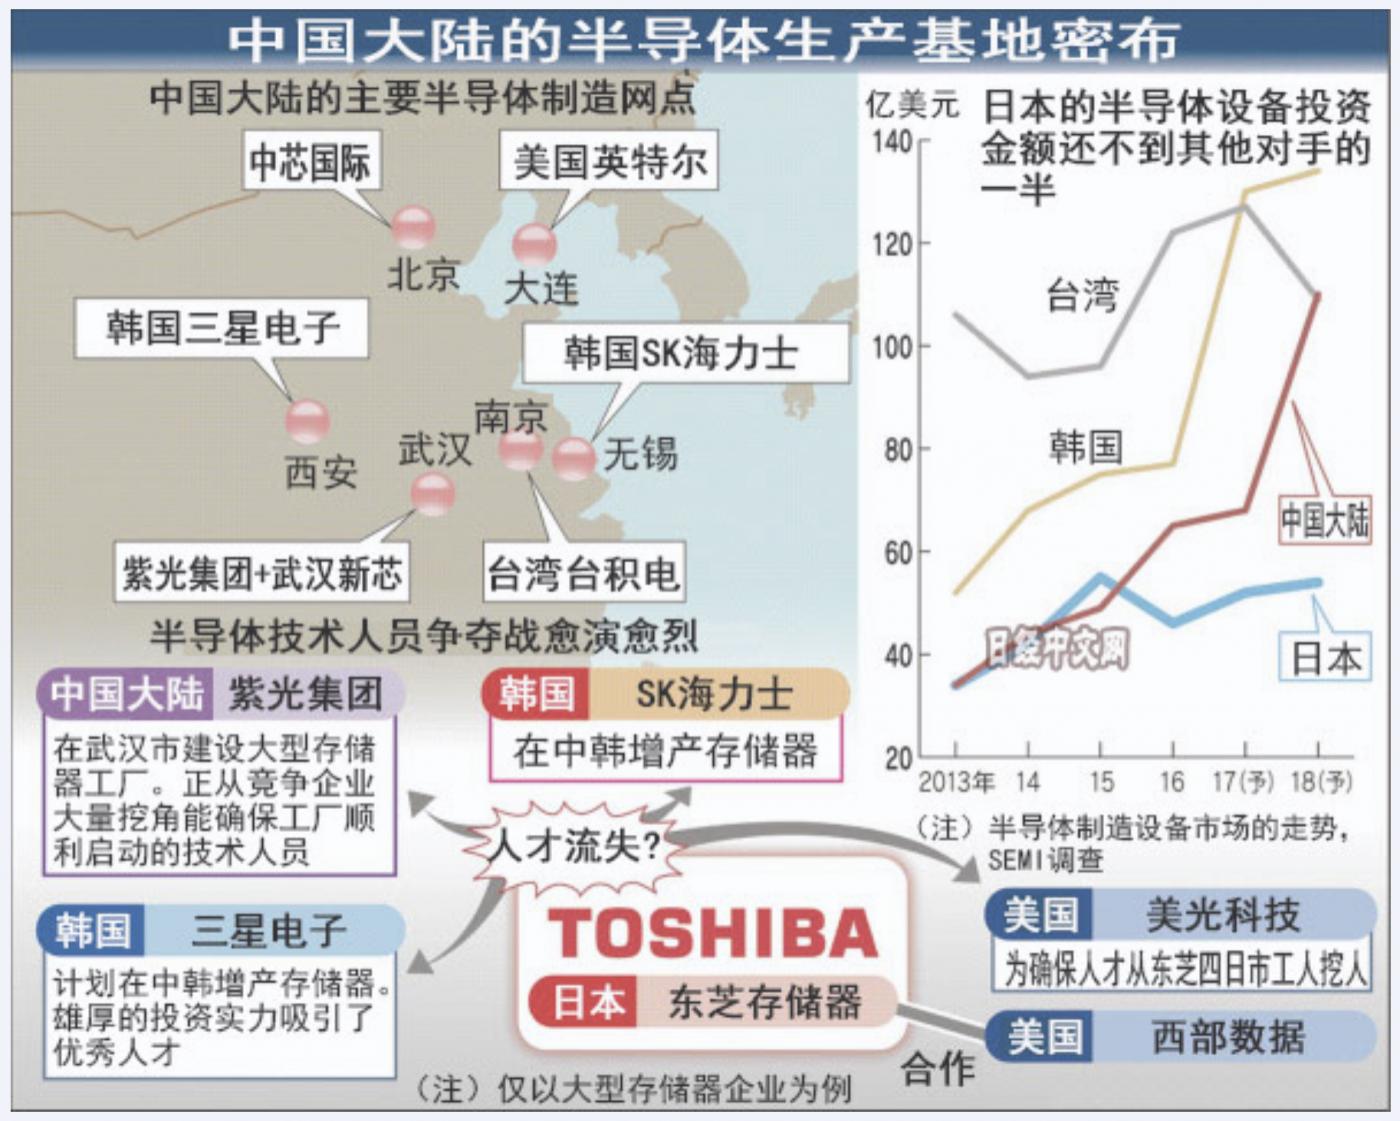 人才争夺战:中国发展高科技的捷径_图1-1